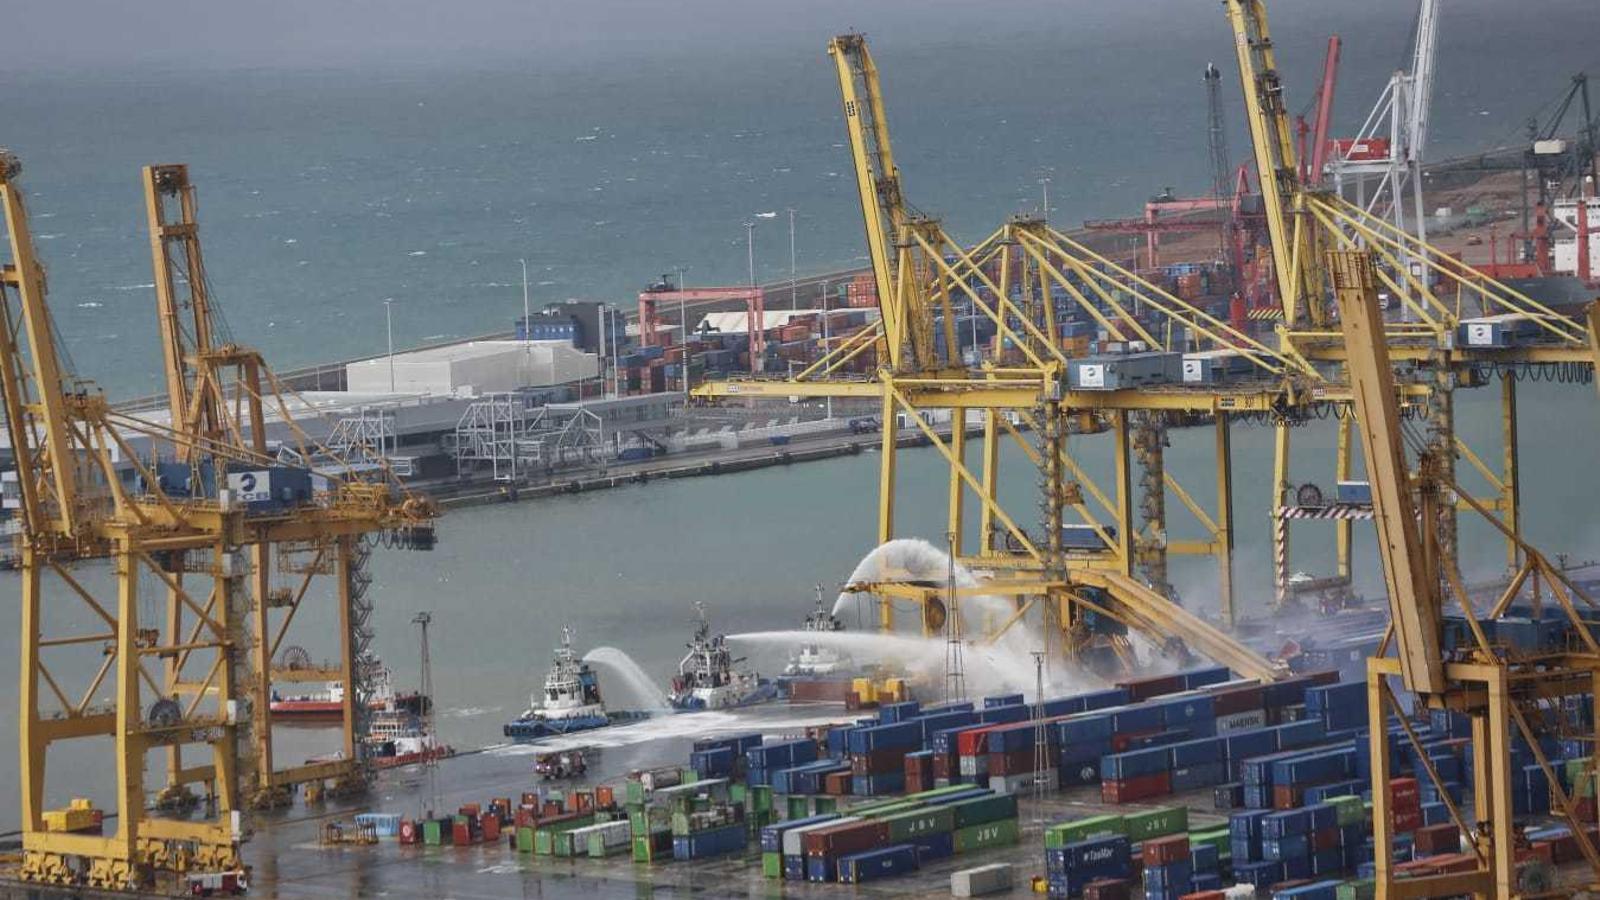 El xoc d'un vaixell amb una grua provoca un incendi al port de Barcelona